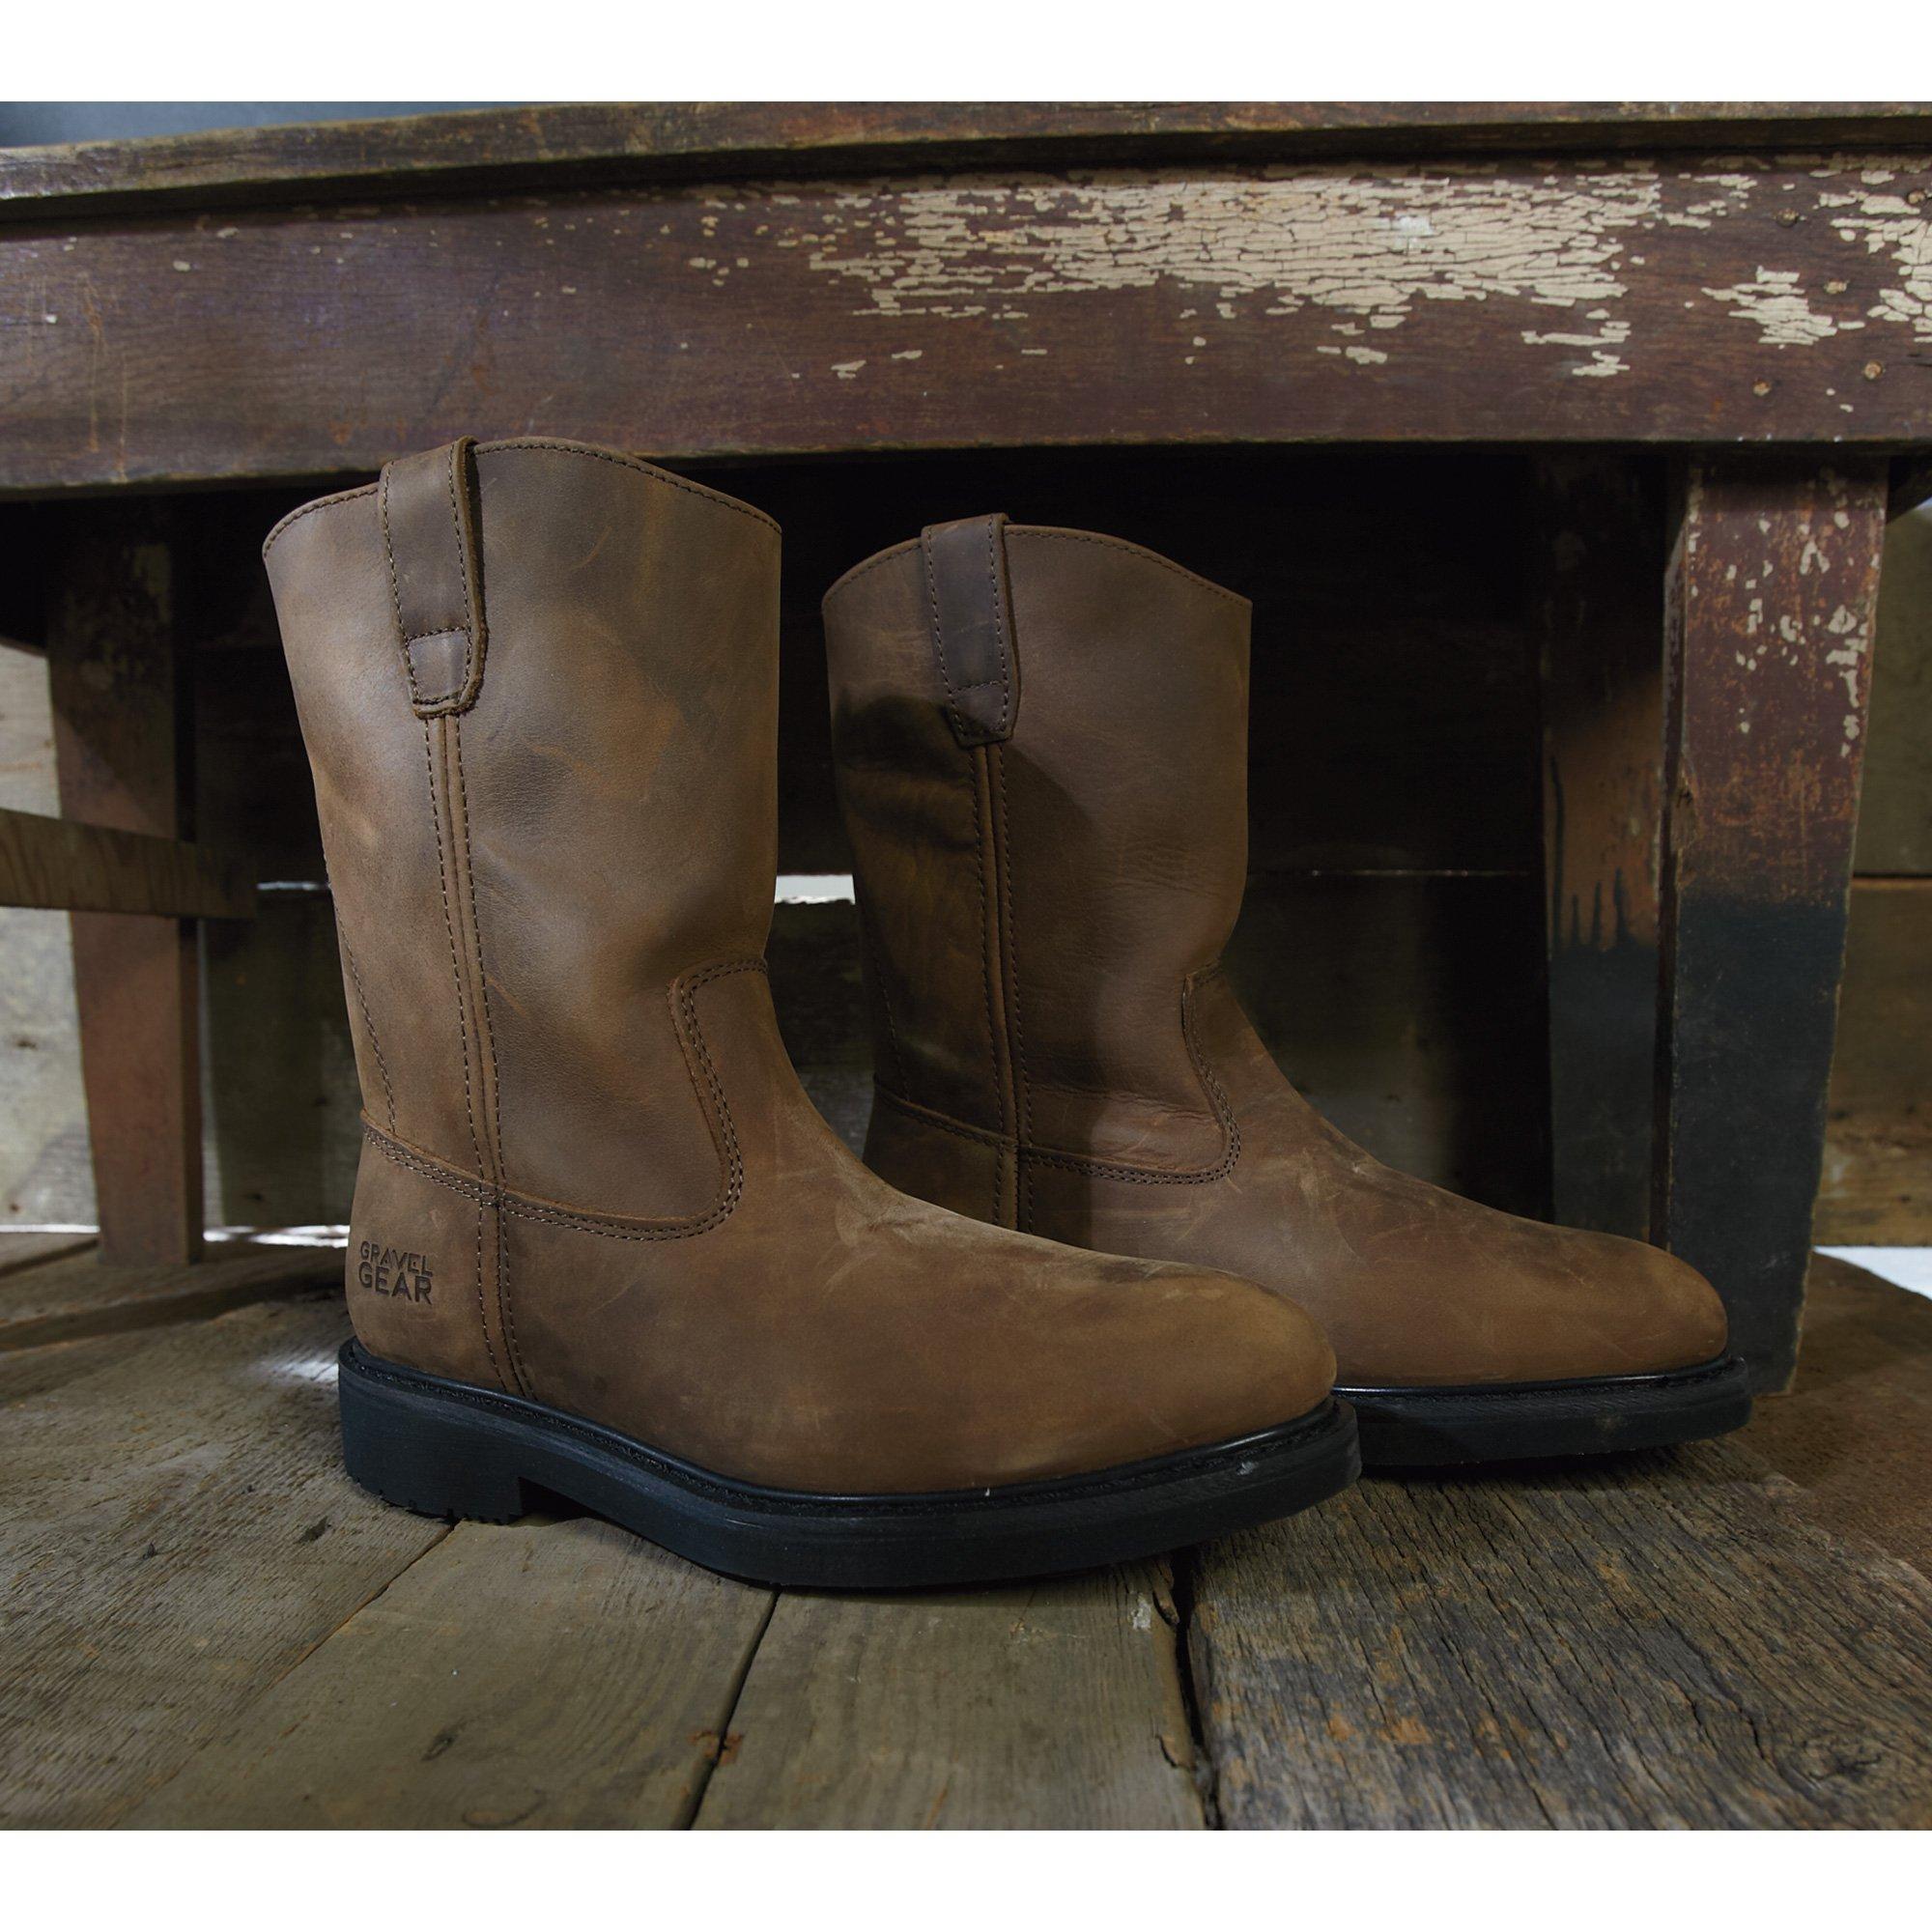 Gravel Gear 10in. Steel Toe Wellington Boot (9)